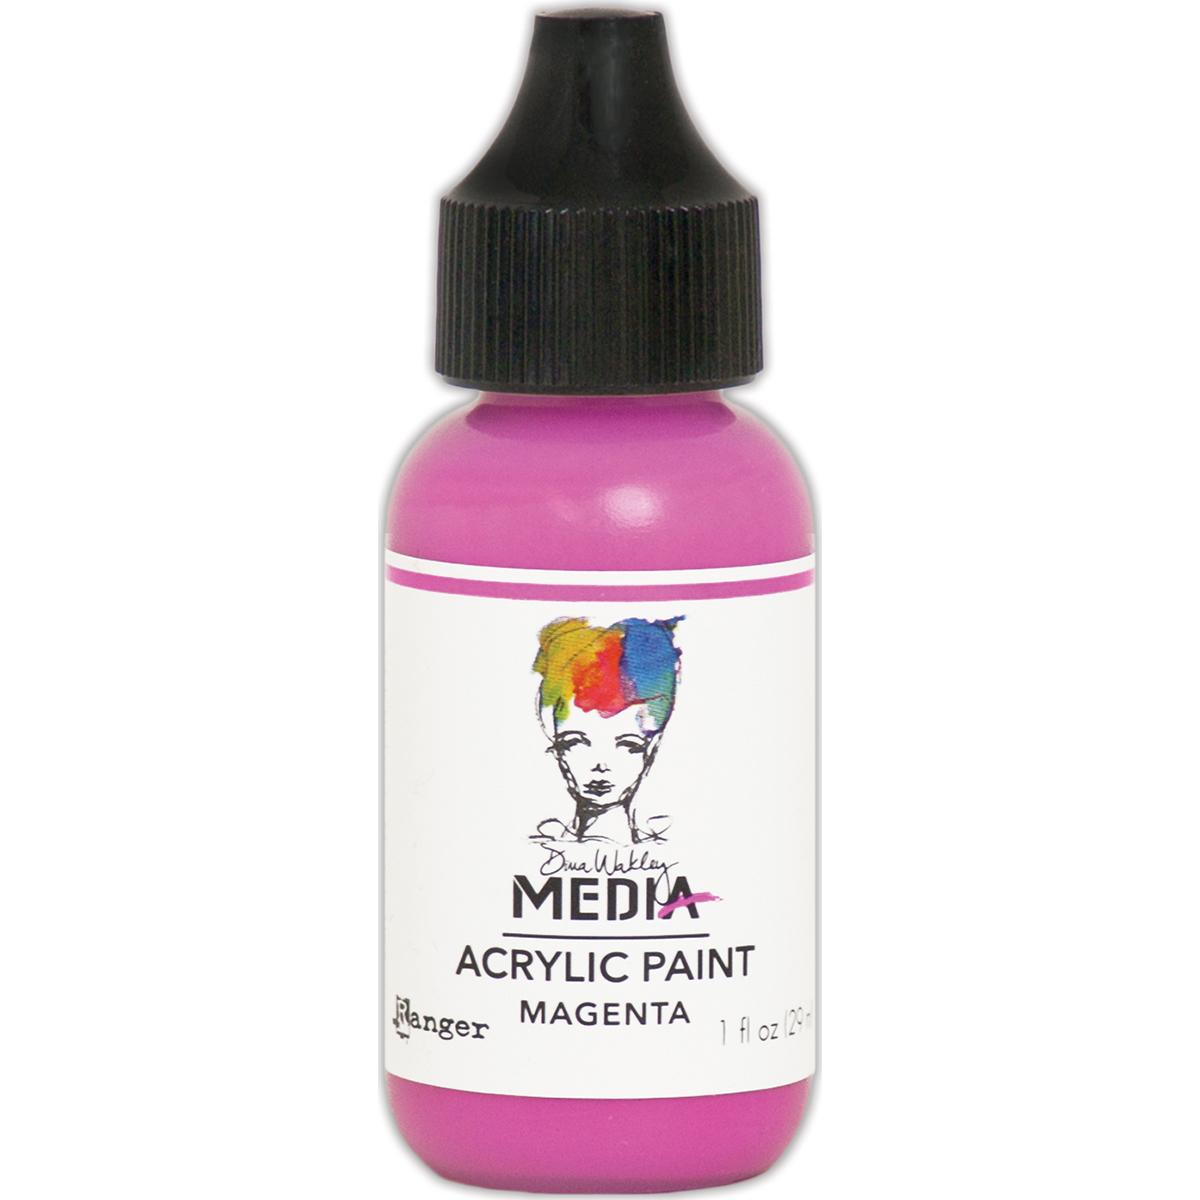 Dina Wakley Media Acrylic Paint 1oz-Magenta